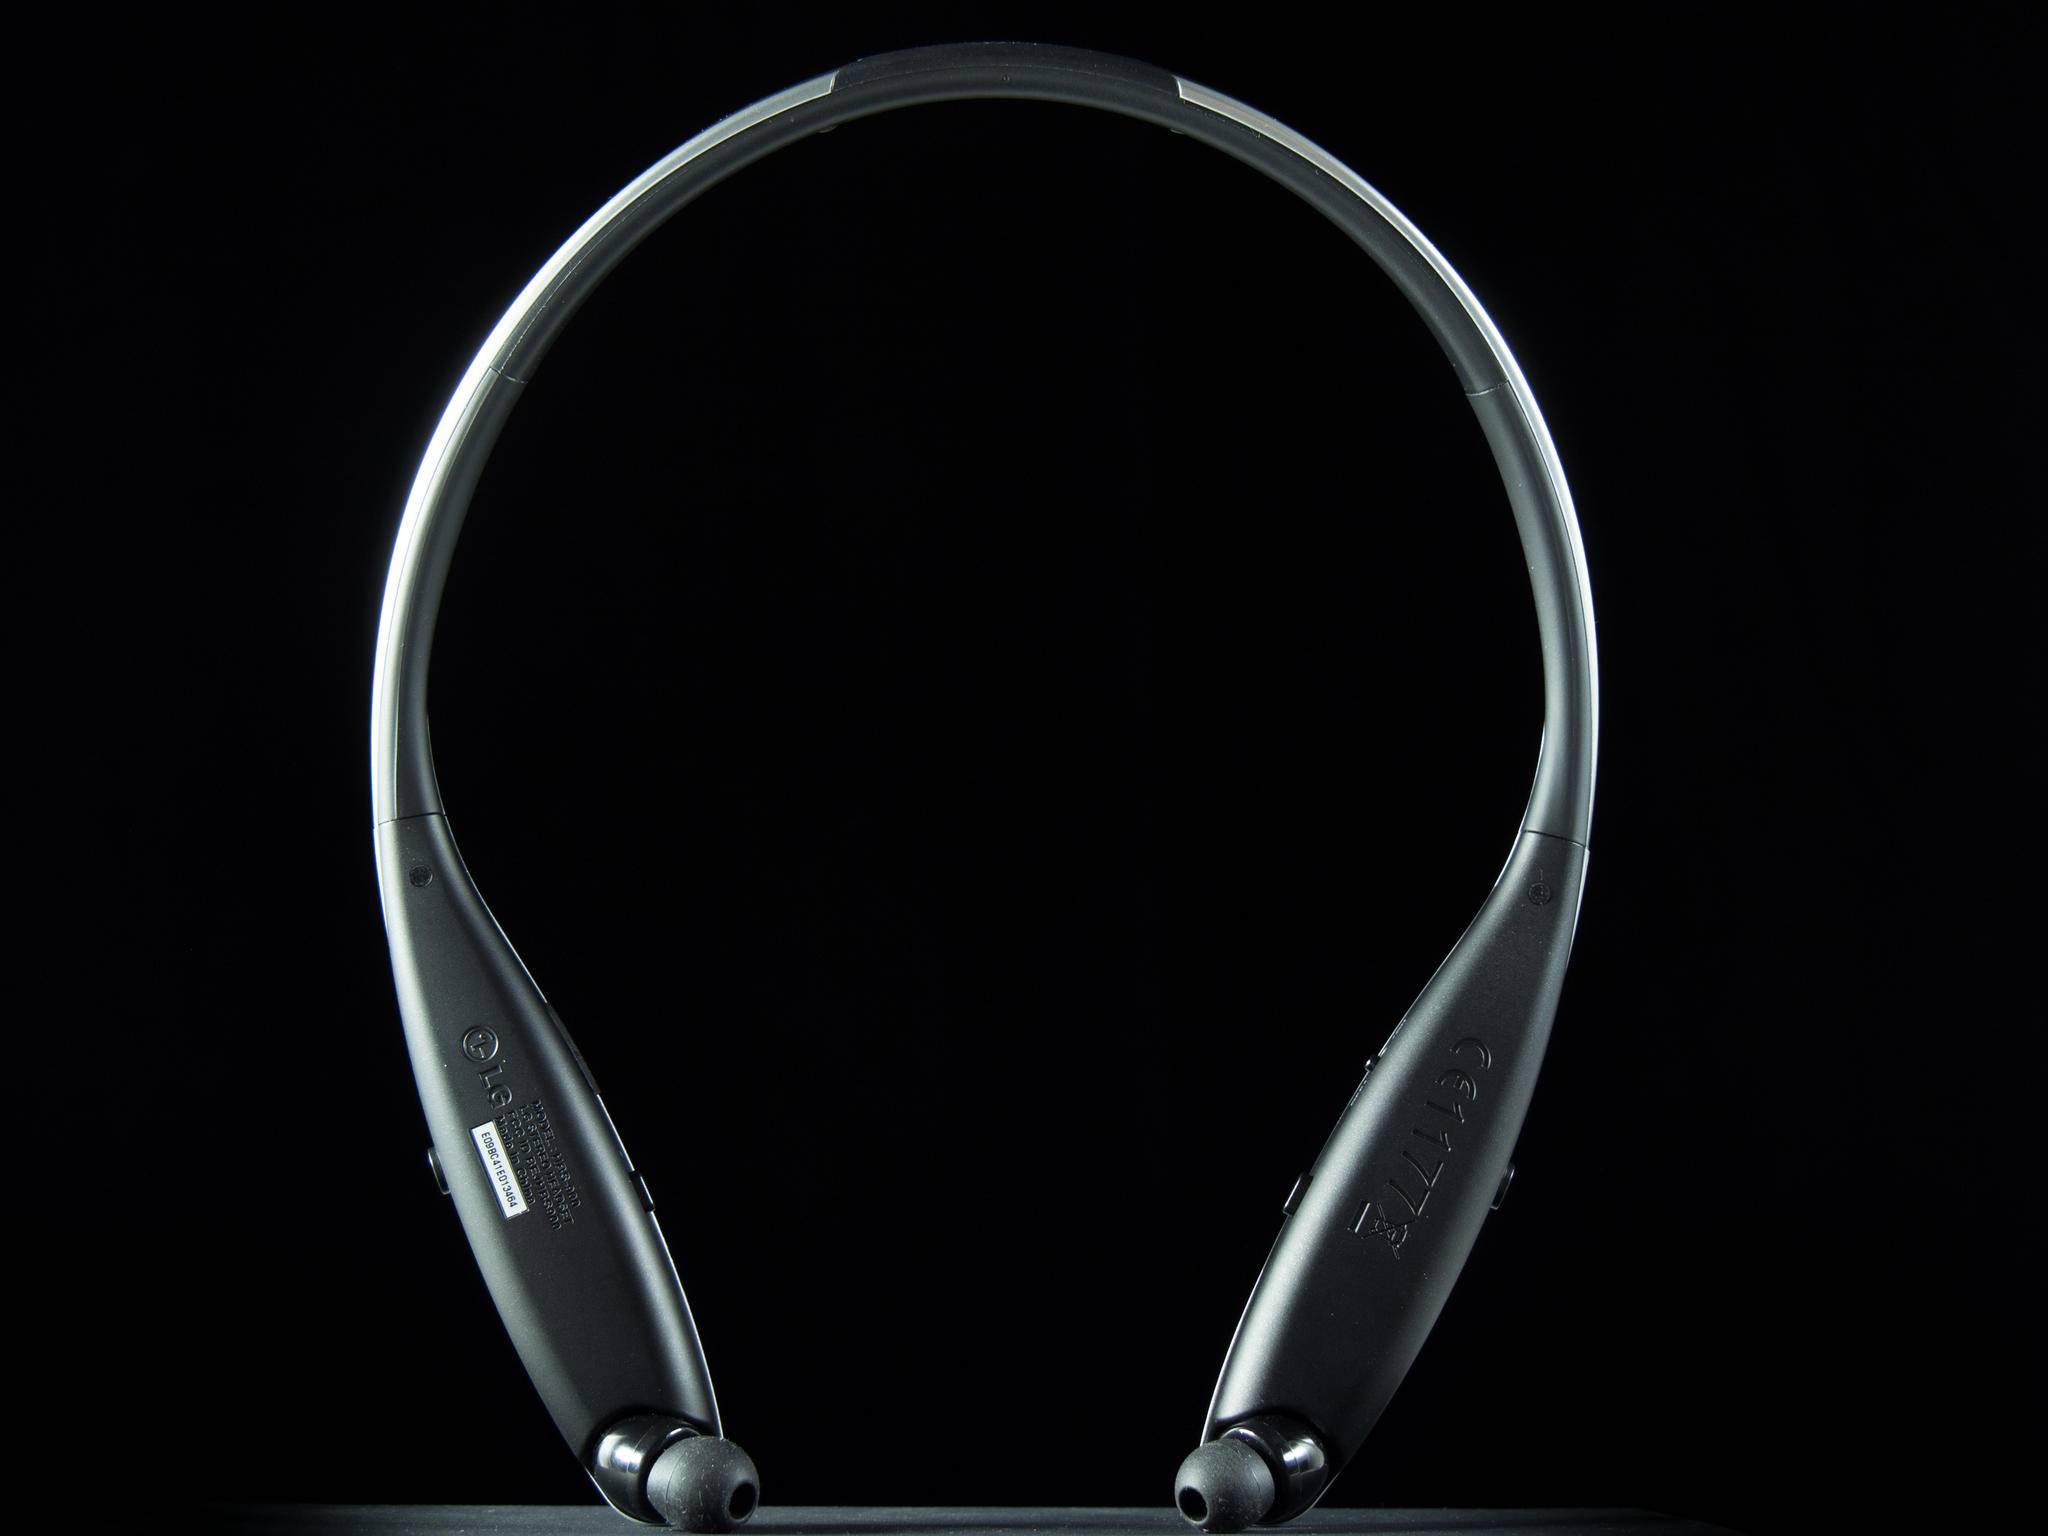 LG HBS-900 Tone Infinim (4 von 17)